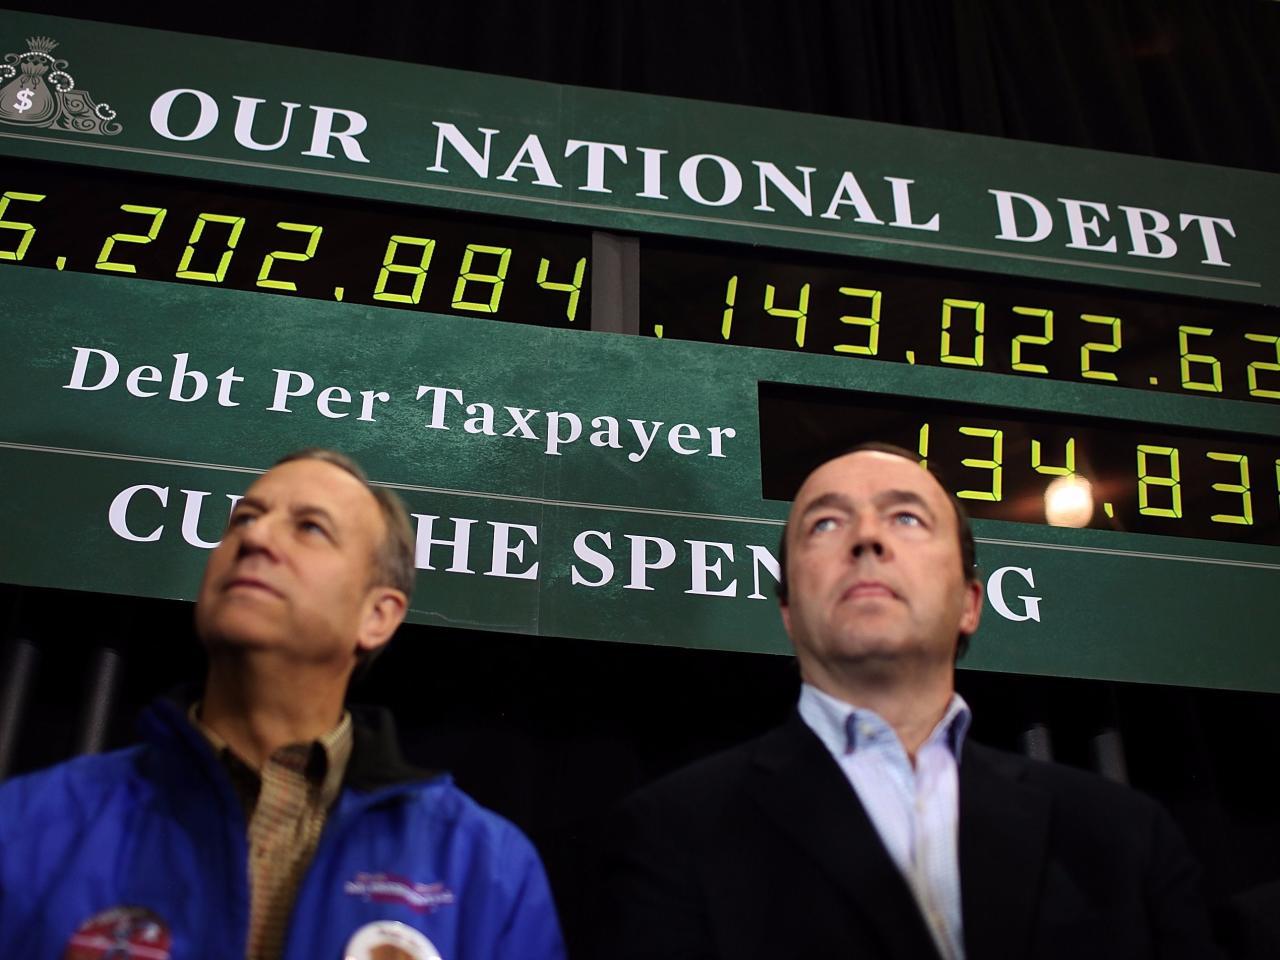 Госдолг сша: кому должны американцы и грозит ли стране дефолт?